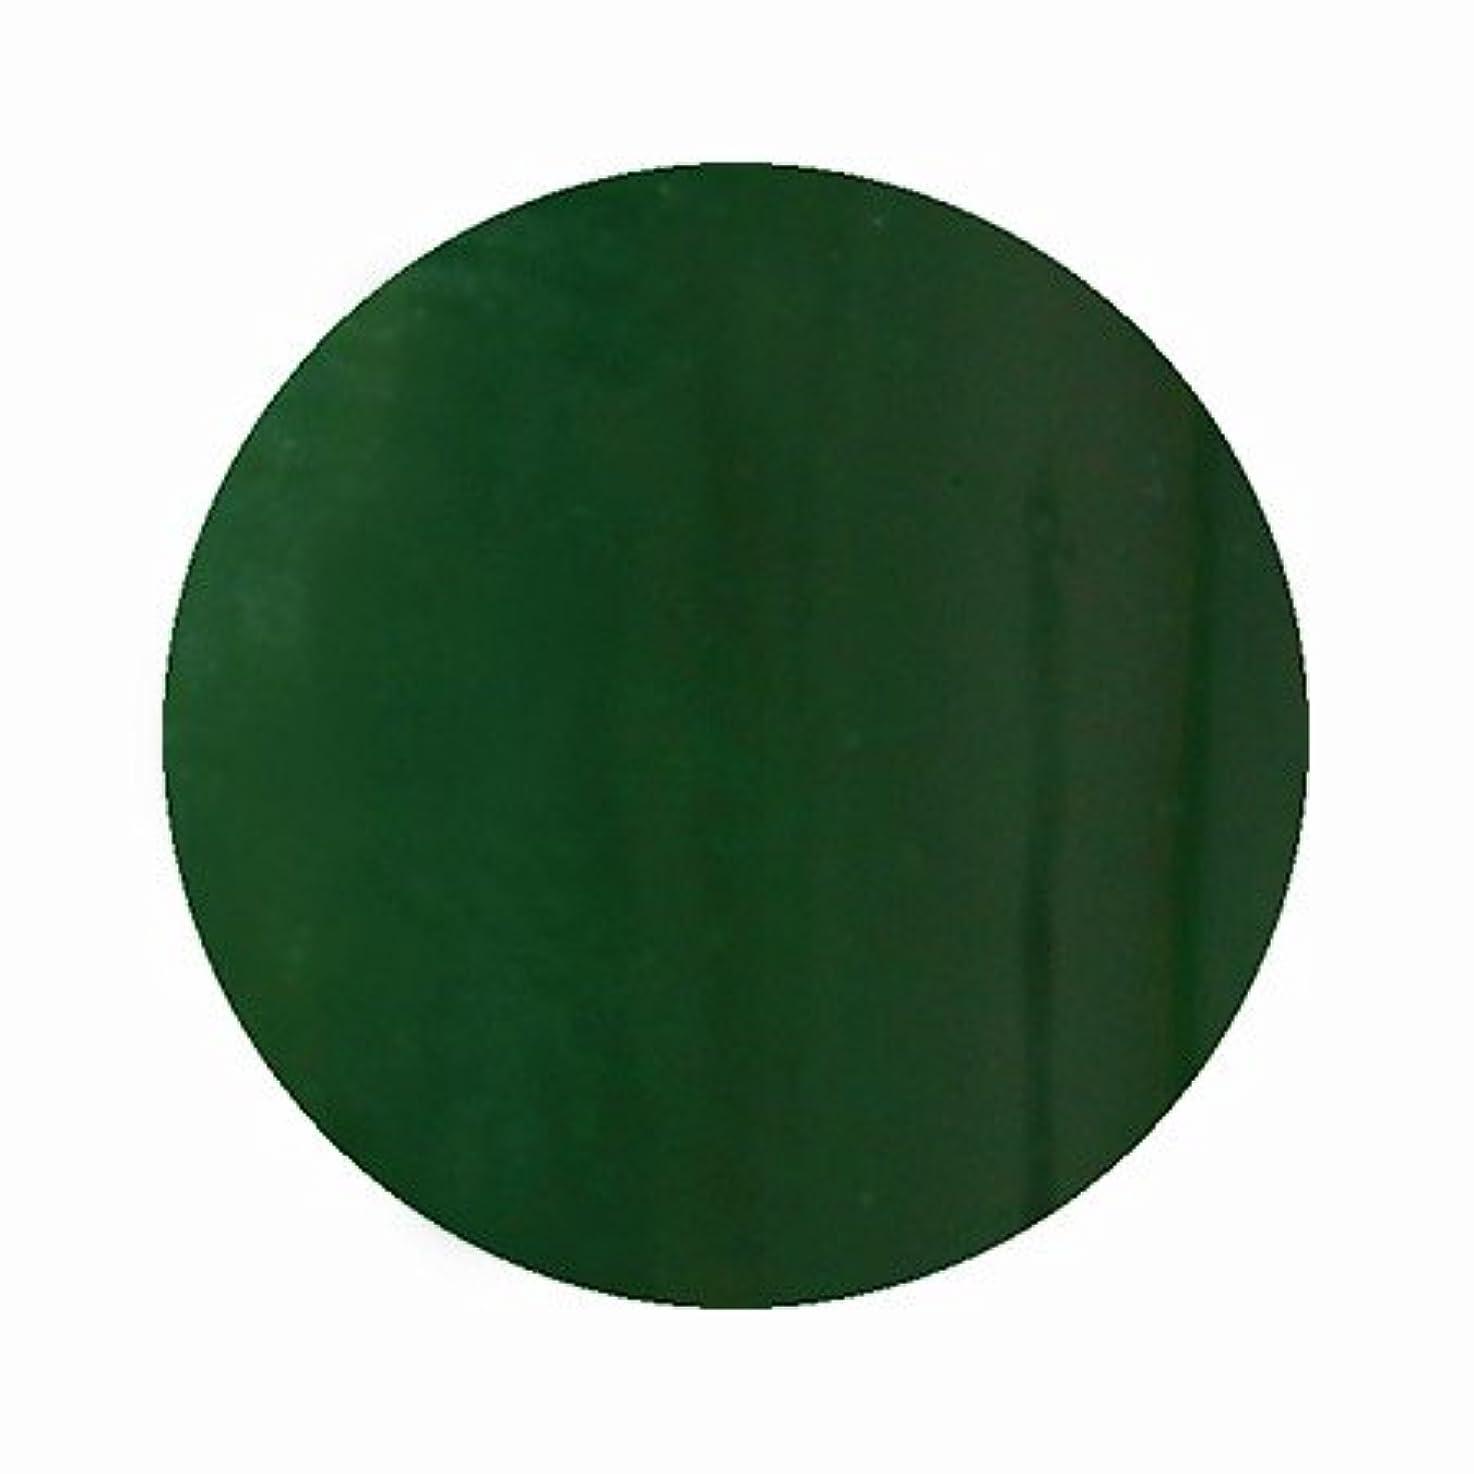 化学薬品リボン一族パラポリッシュ ハイブリッドカラージェル V9 モスグリーン 7g